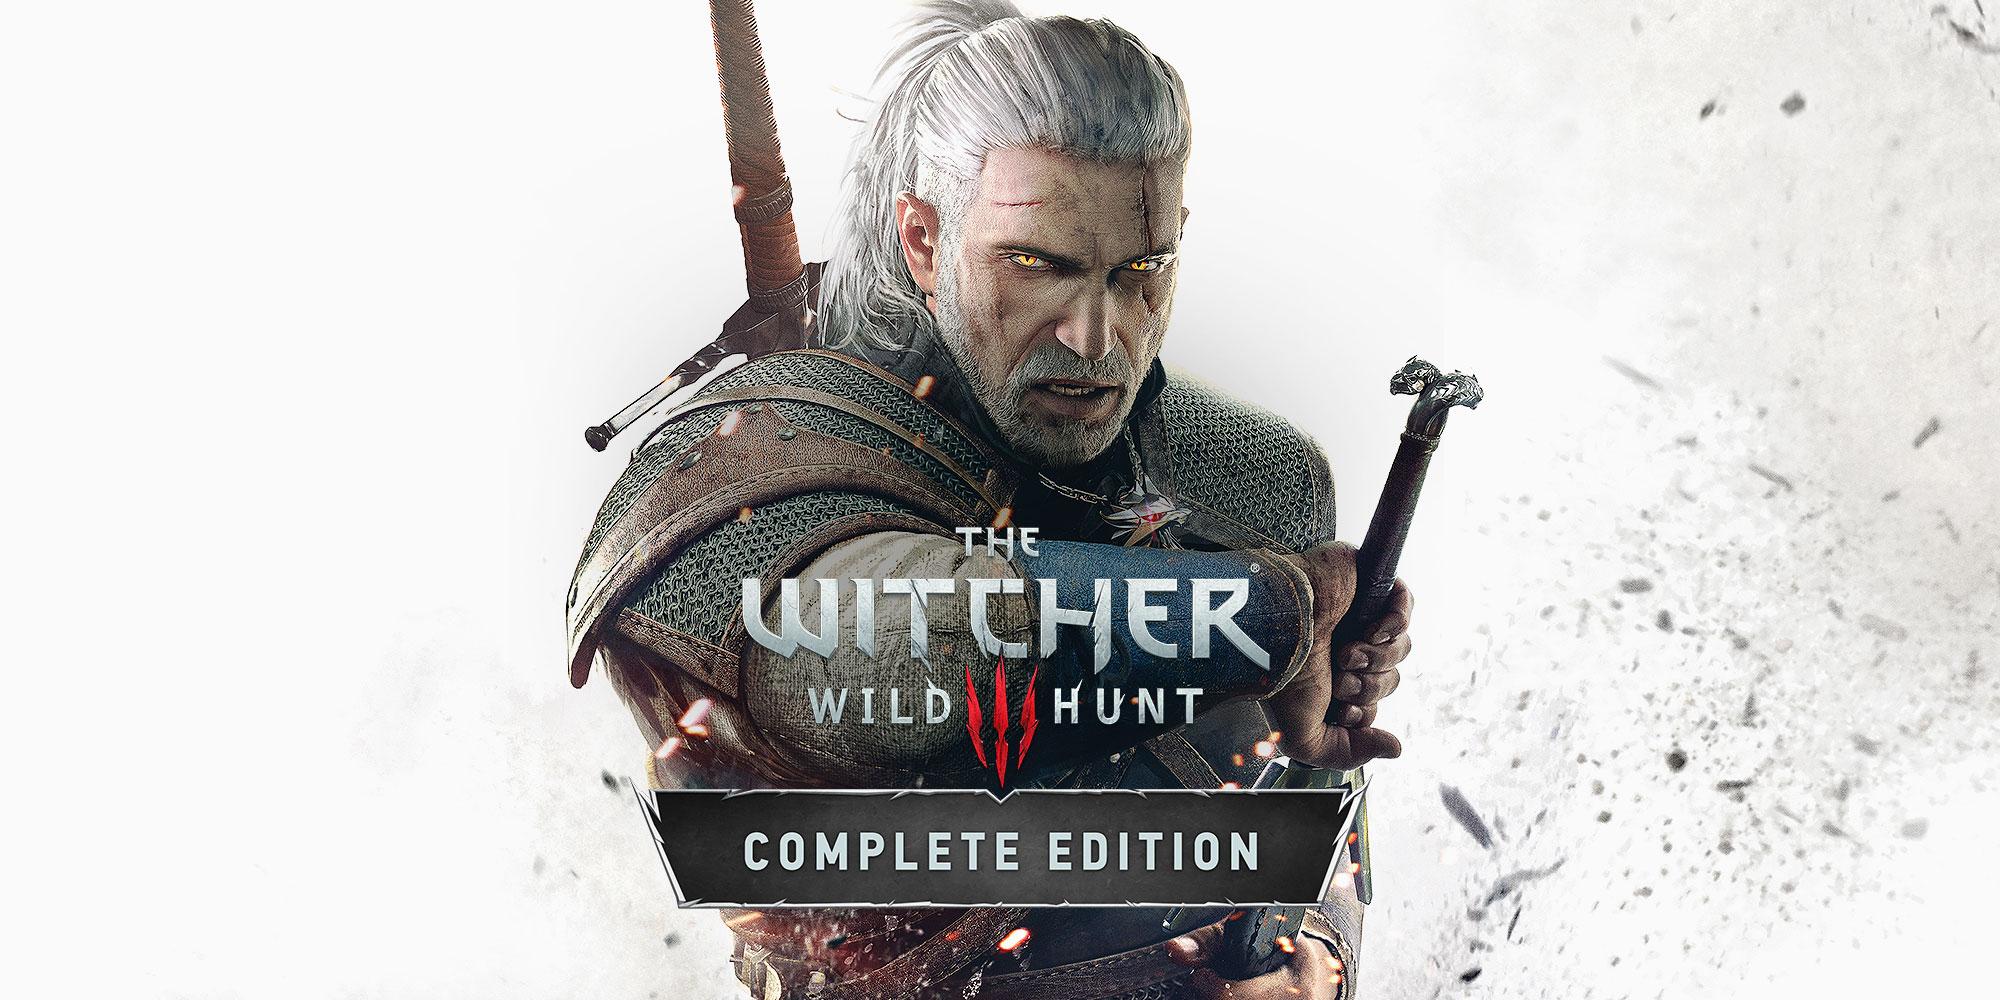 The Witcher 3 recibirá una actualización gratuita de próxima generación